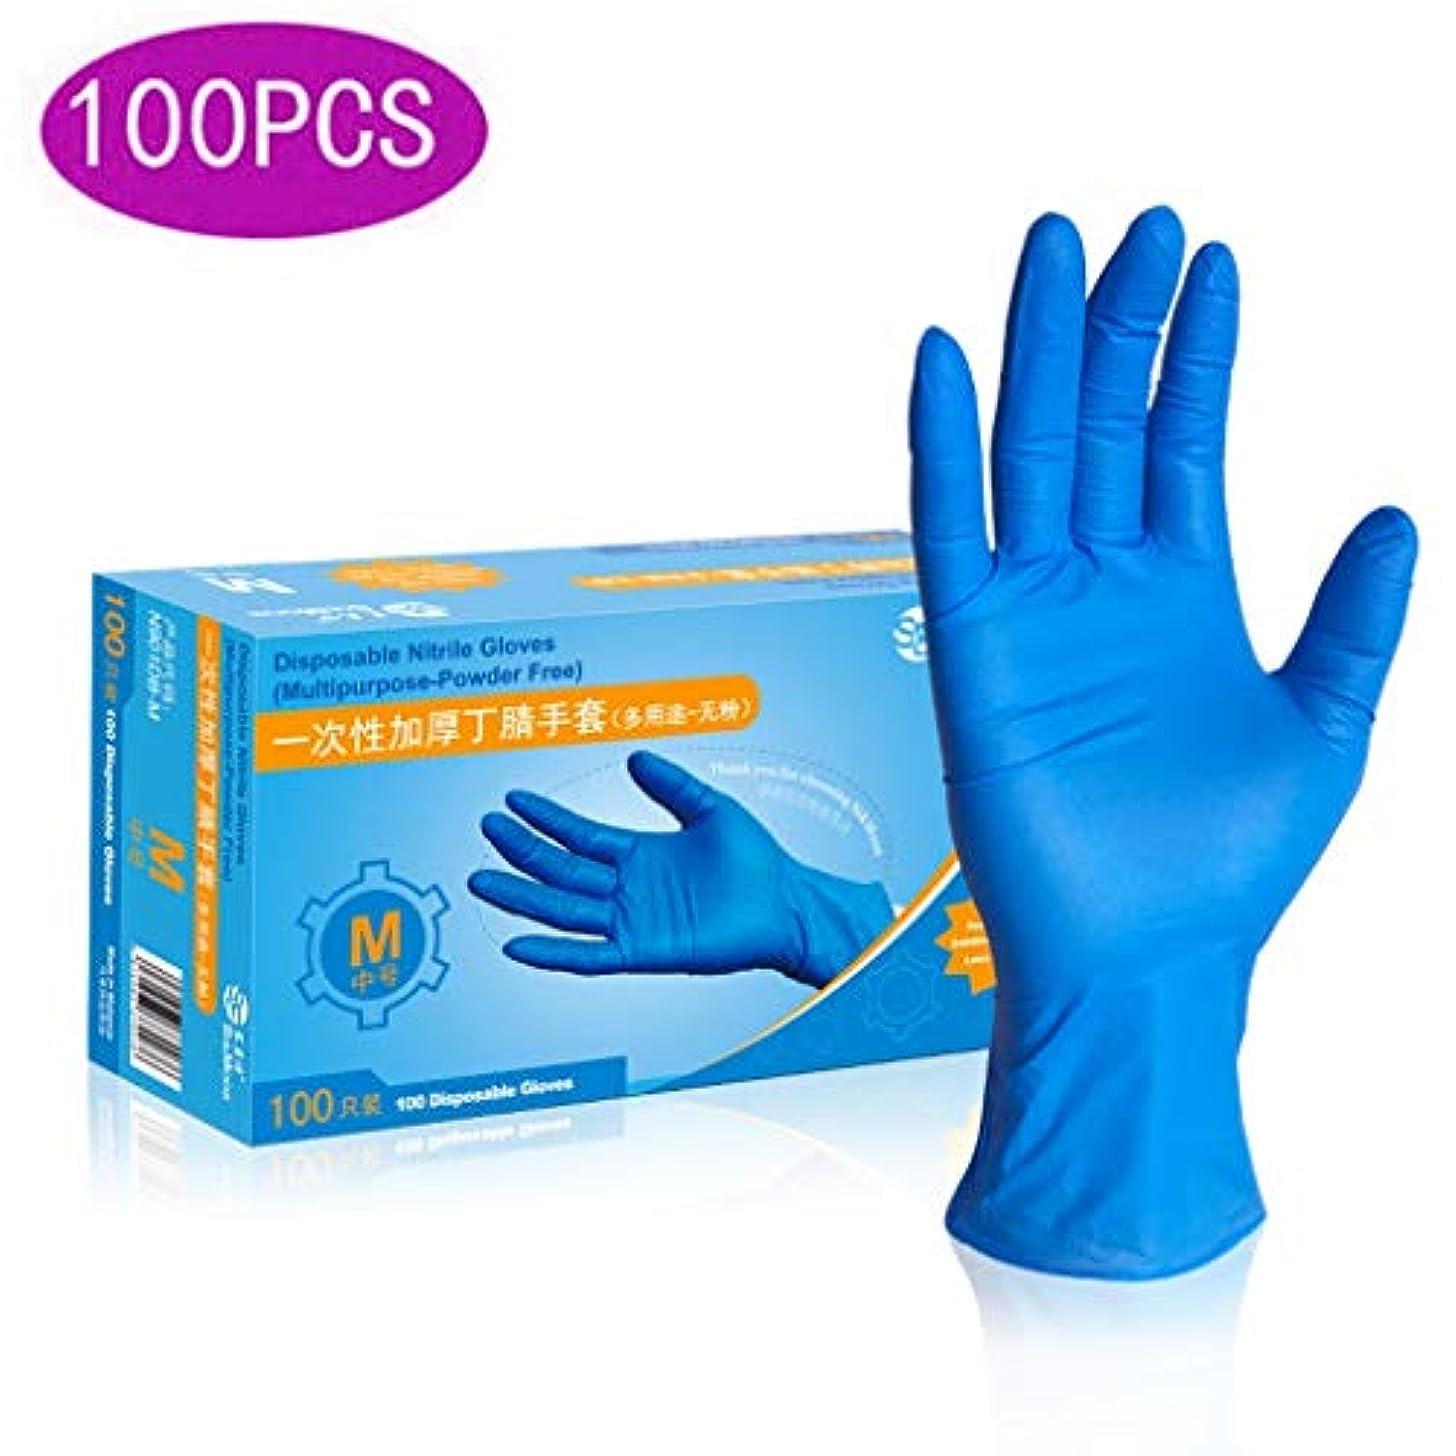 葉を拾う流産ズーム使い捨てラテックス手袋使い捨てニトリル実験用食用油や耐酸グレード (Color : 9 inch, Size : M)